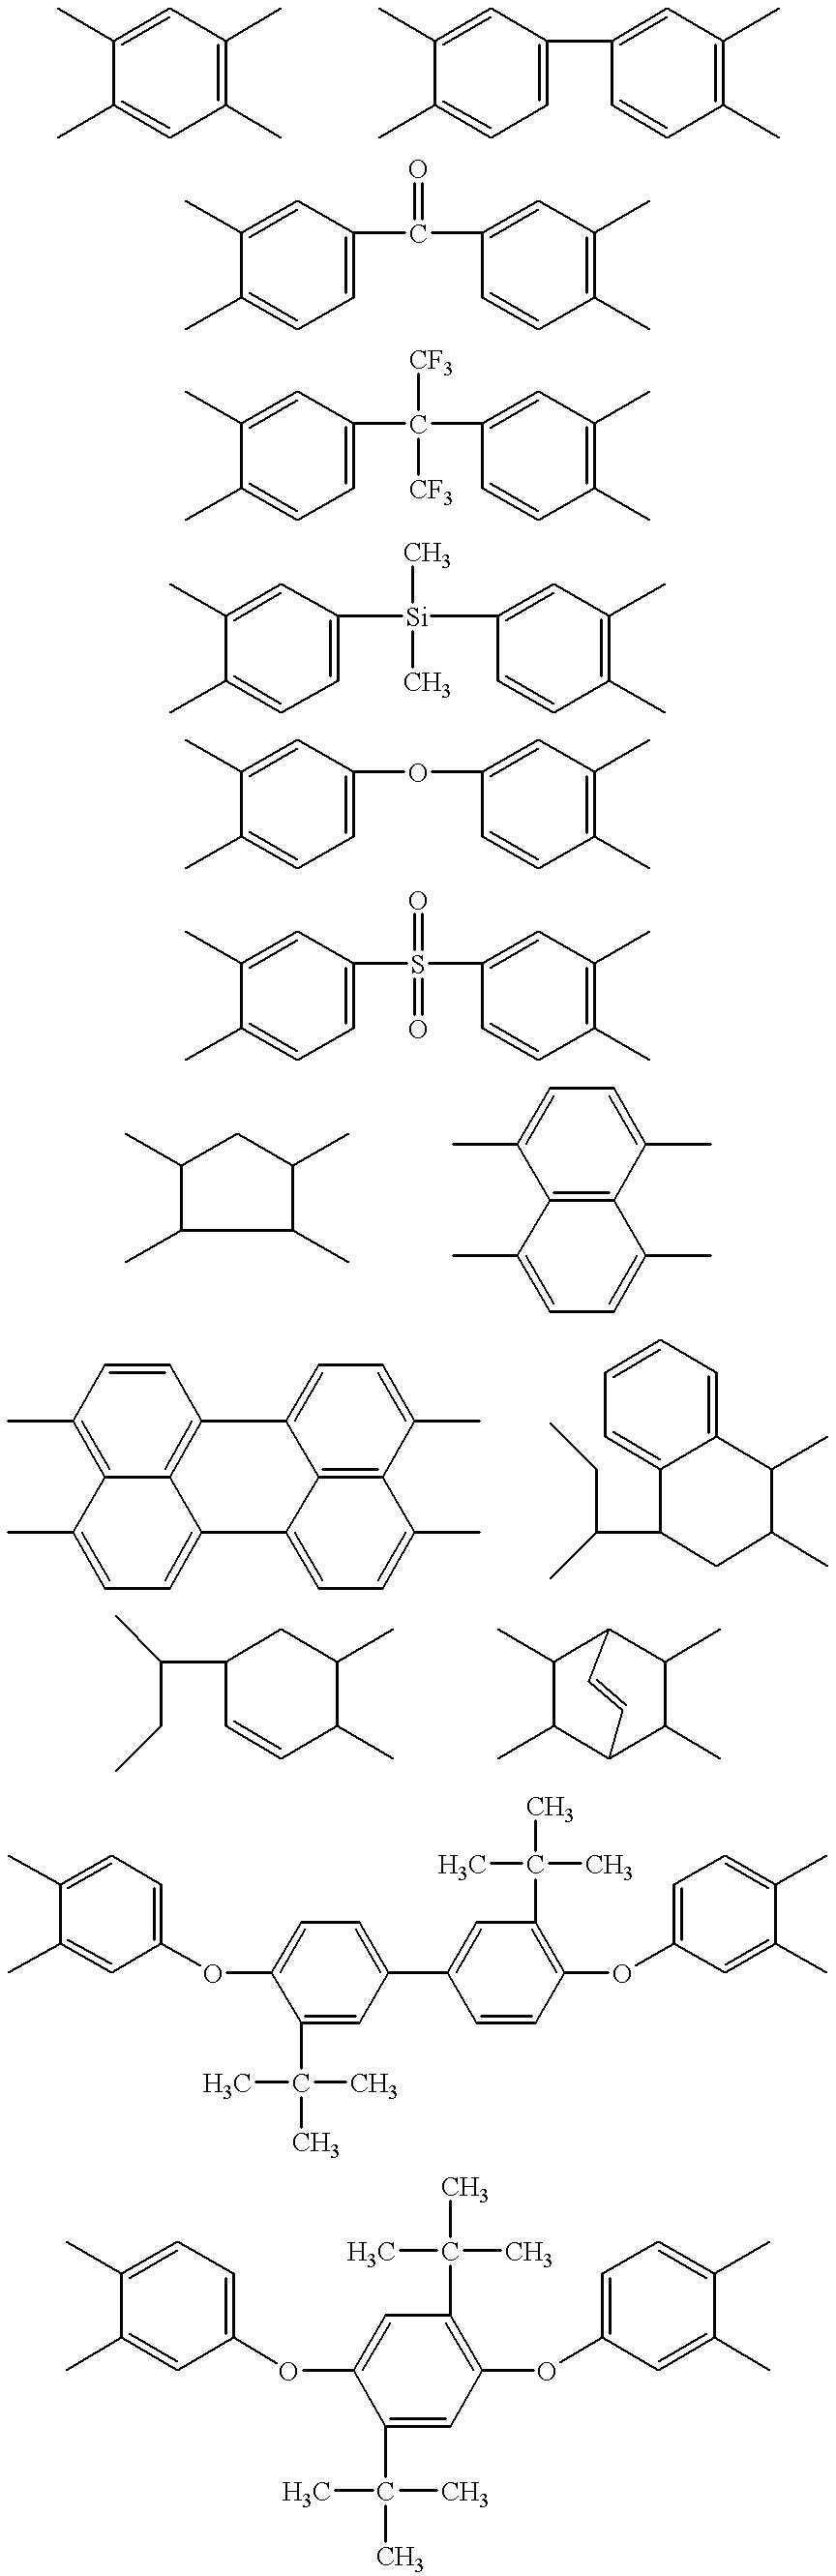 Figure US20010005528A1-20010628-C00003